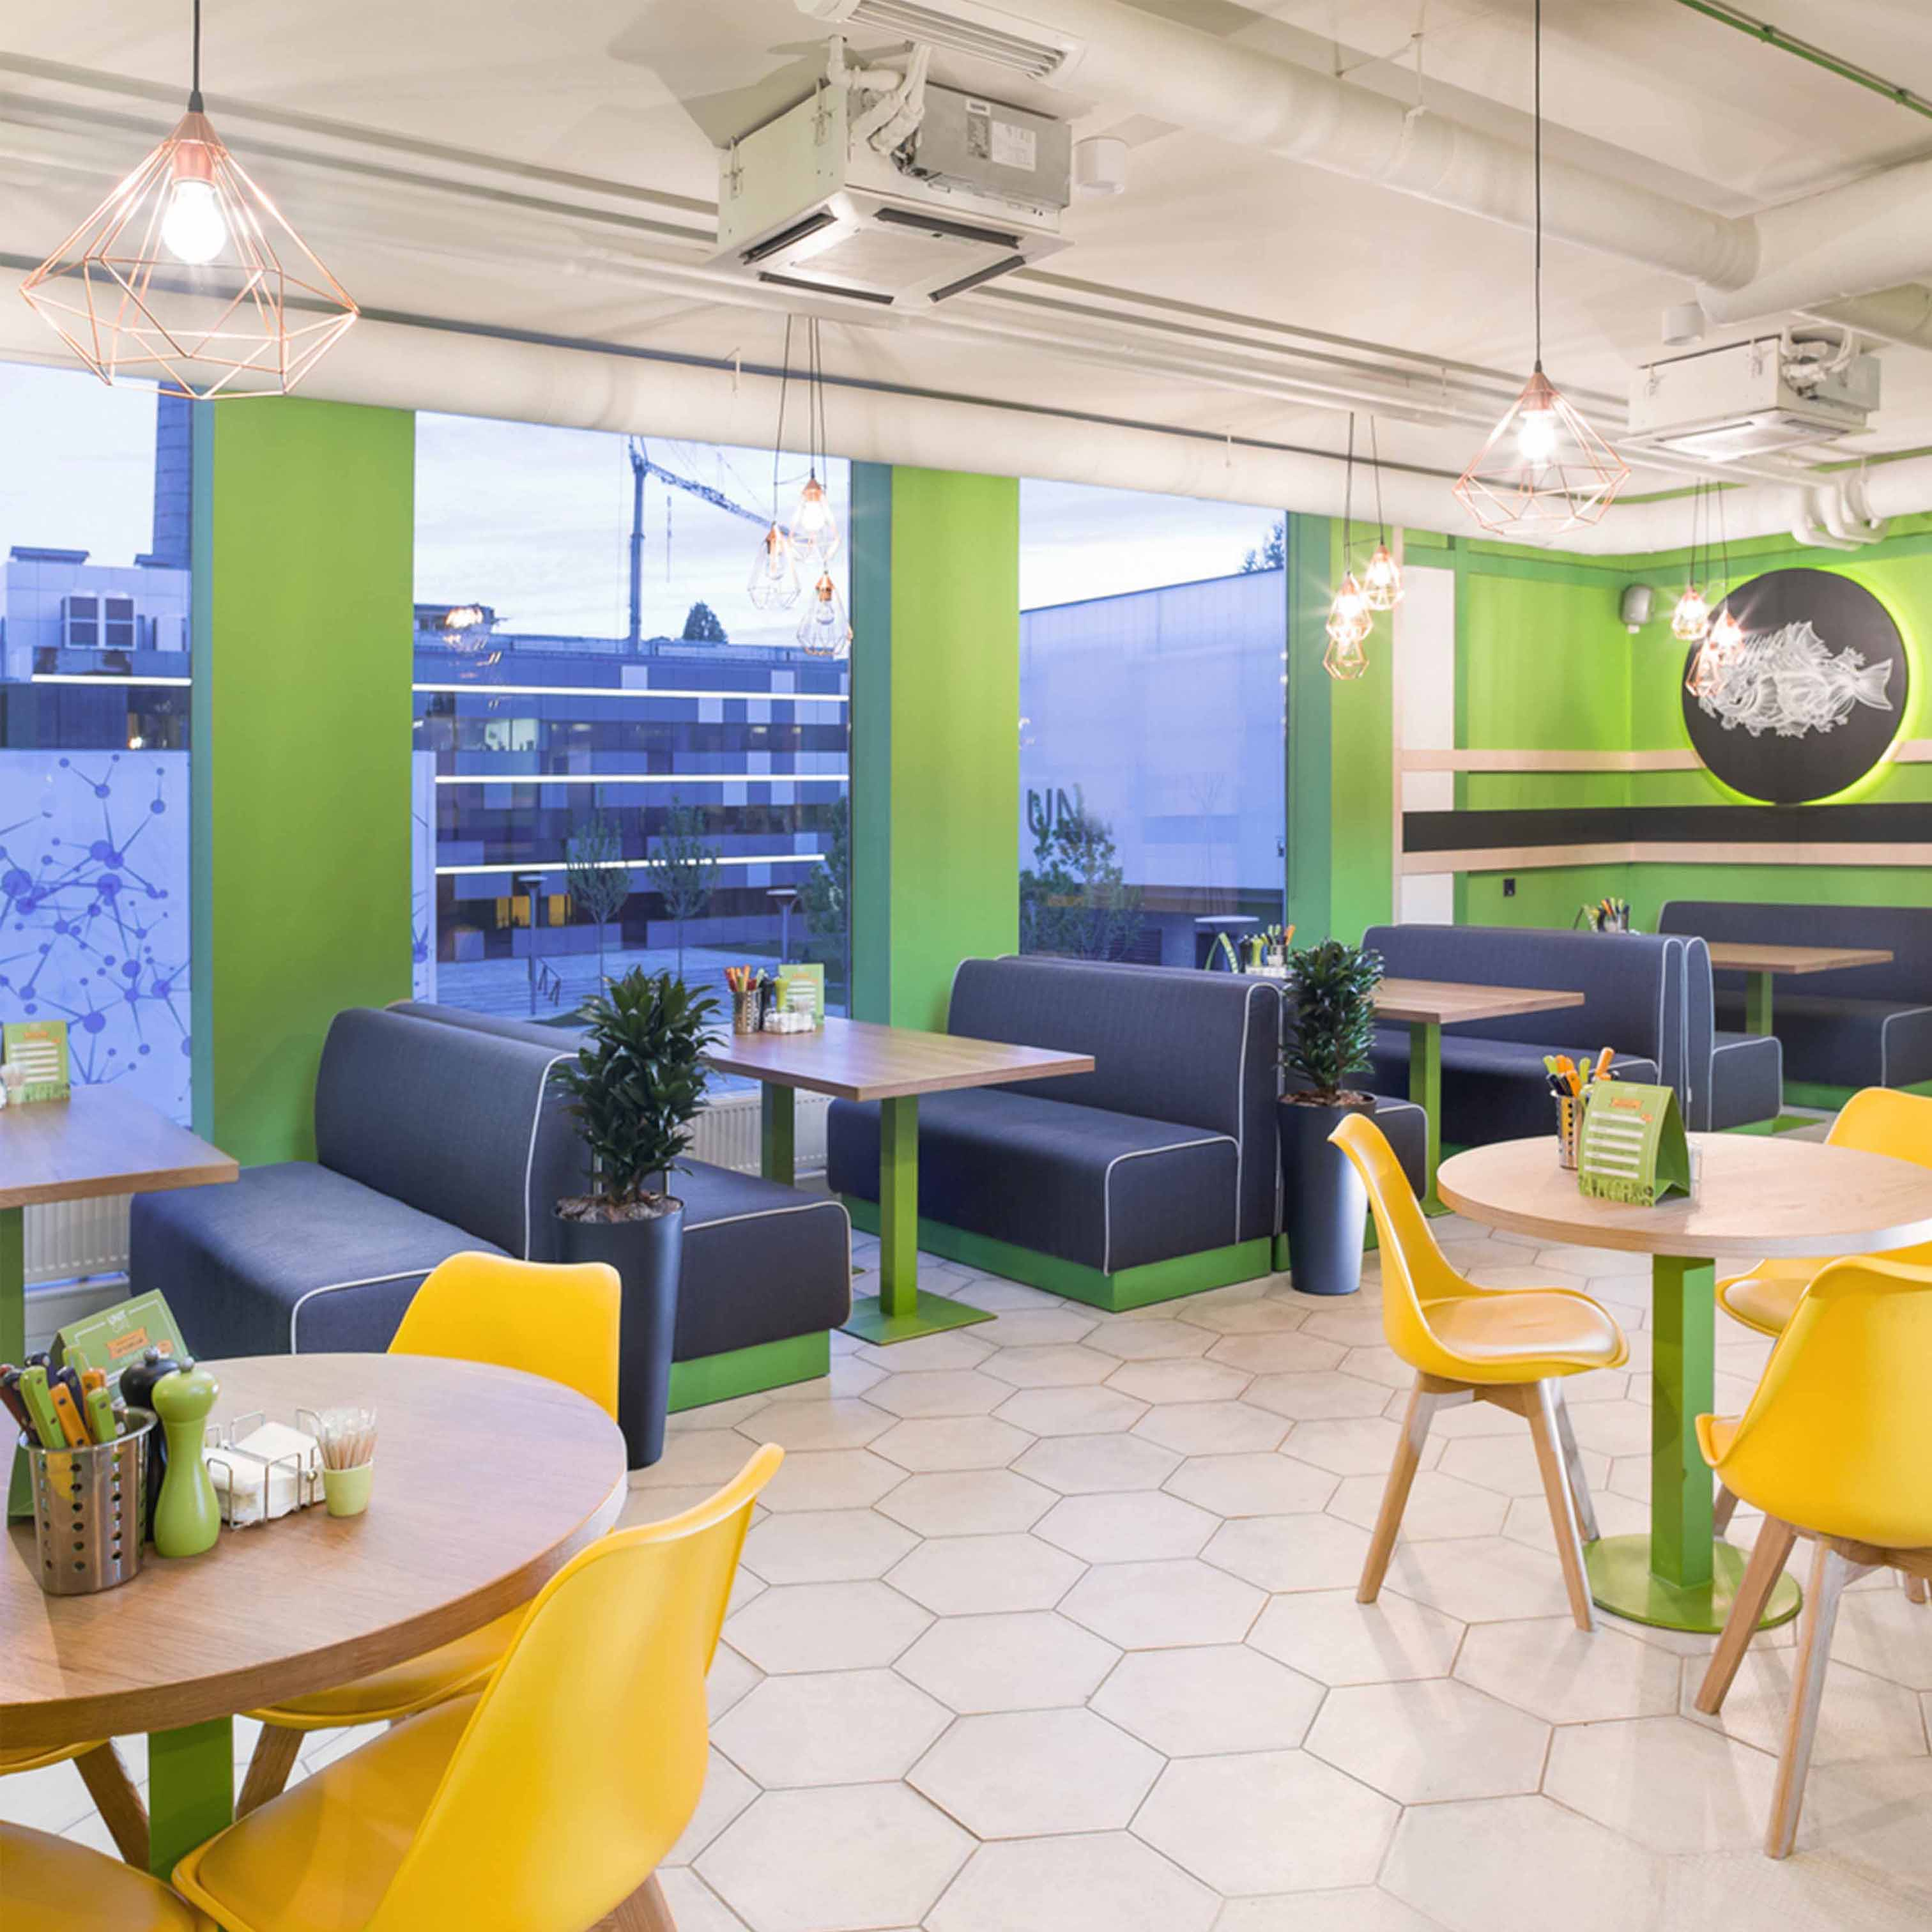 Thiết kế quán cafe từ Container Đẹp và Chất - TK26LHFU